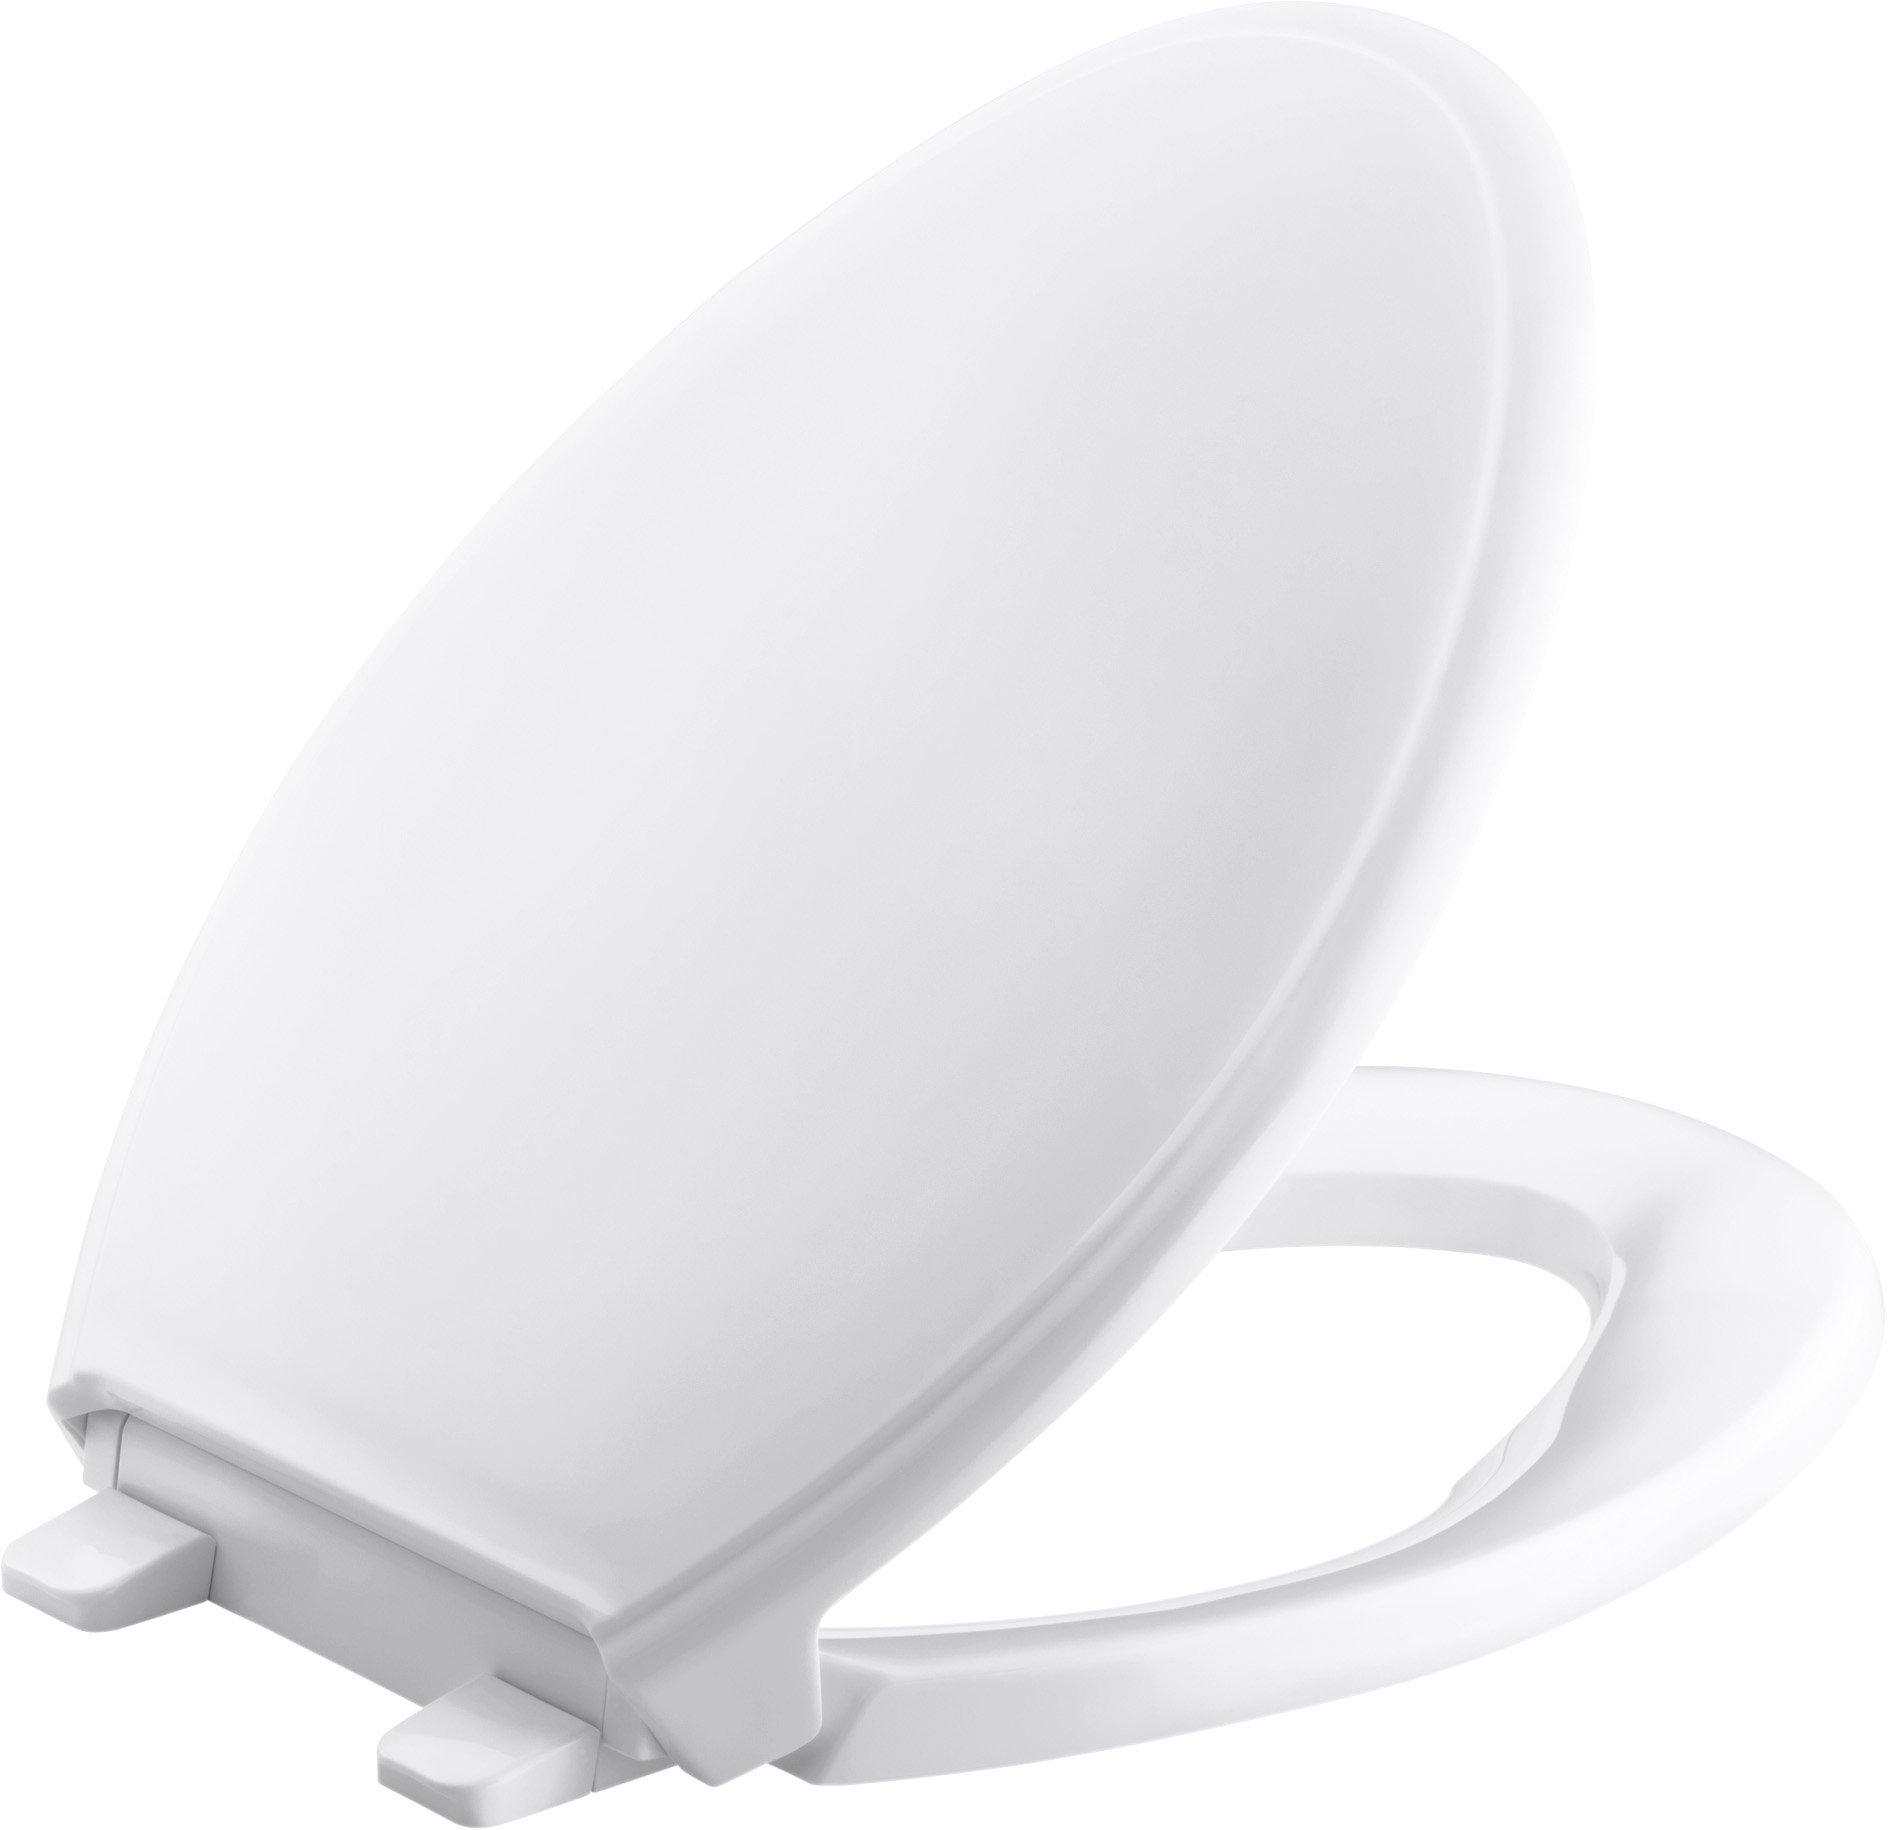 Kohler K-2598-0 Quick-Release Elongated Toilet Seat White GRIP-TIGHT GLENBURY,